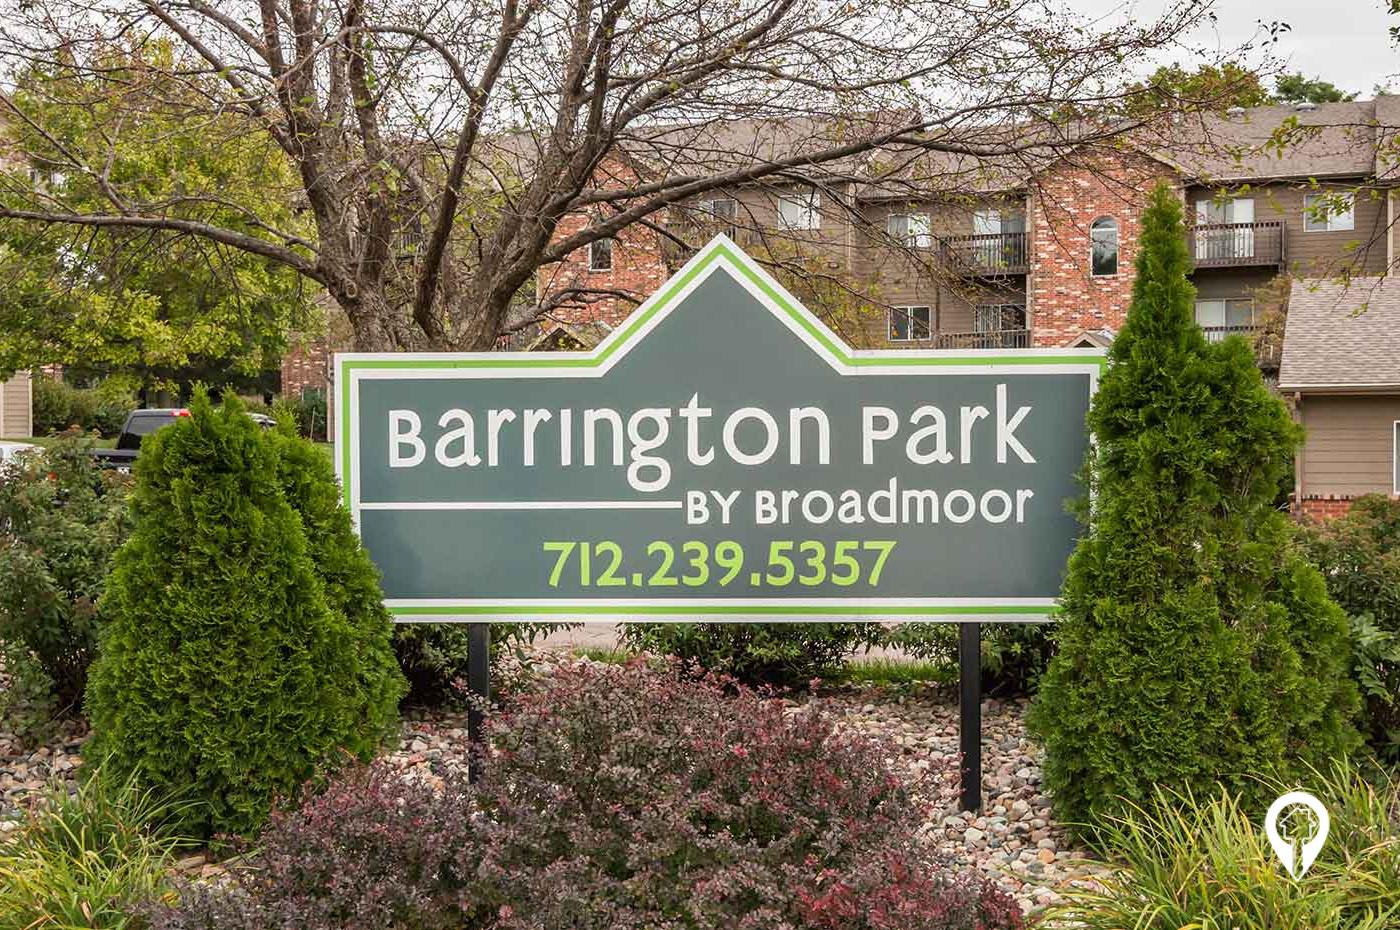 Barrington Park by Broadmoor